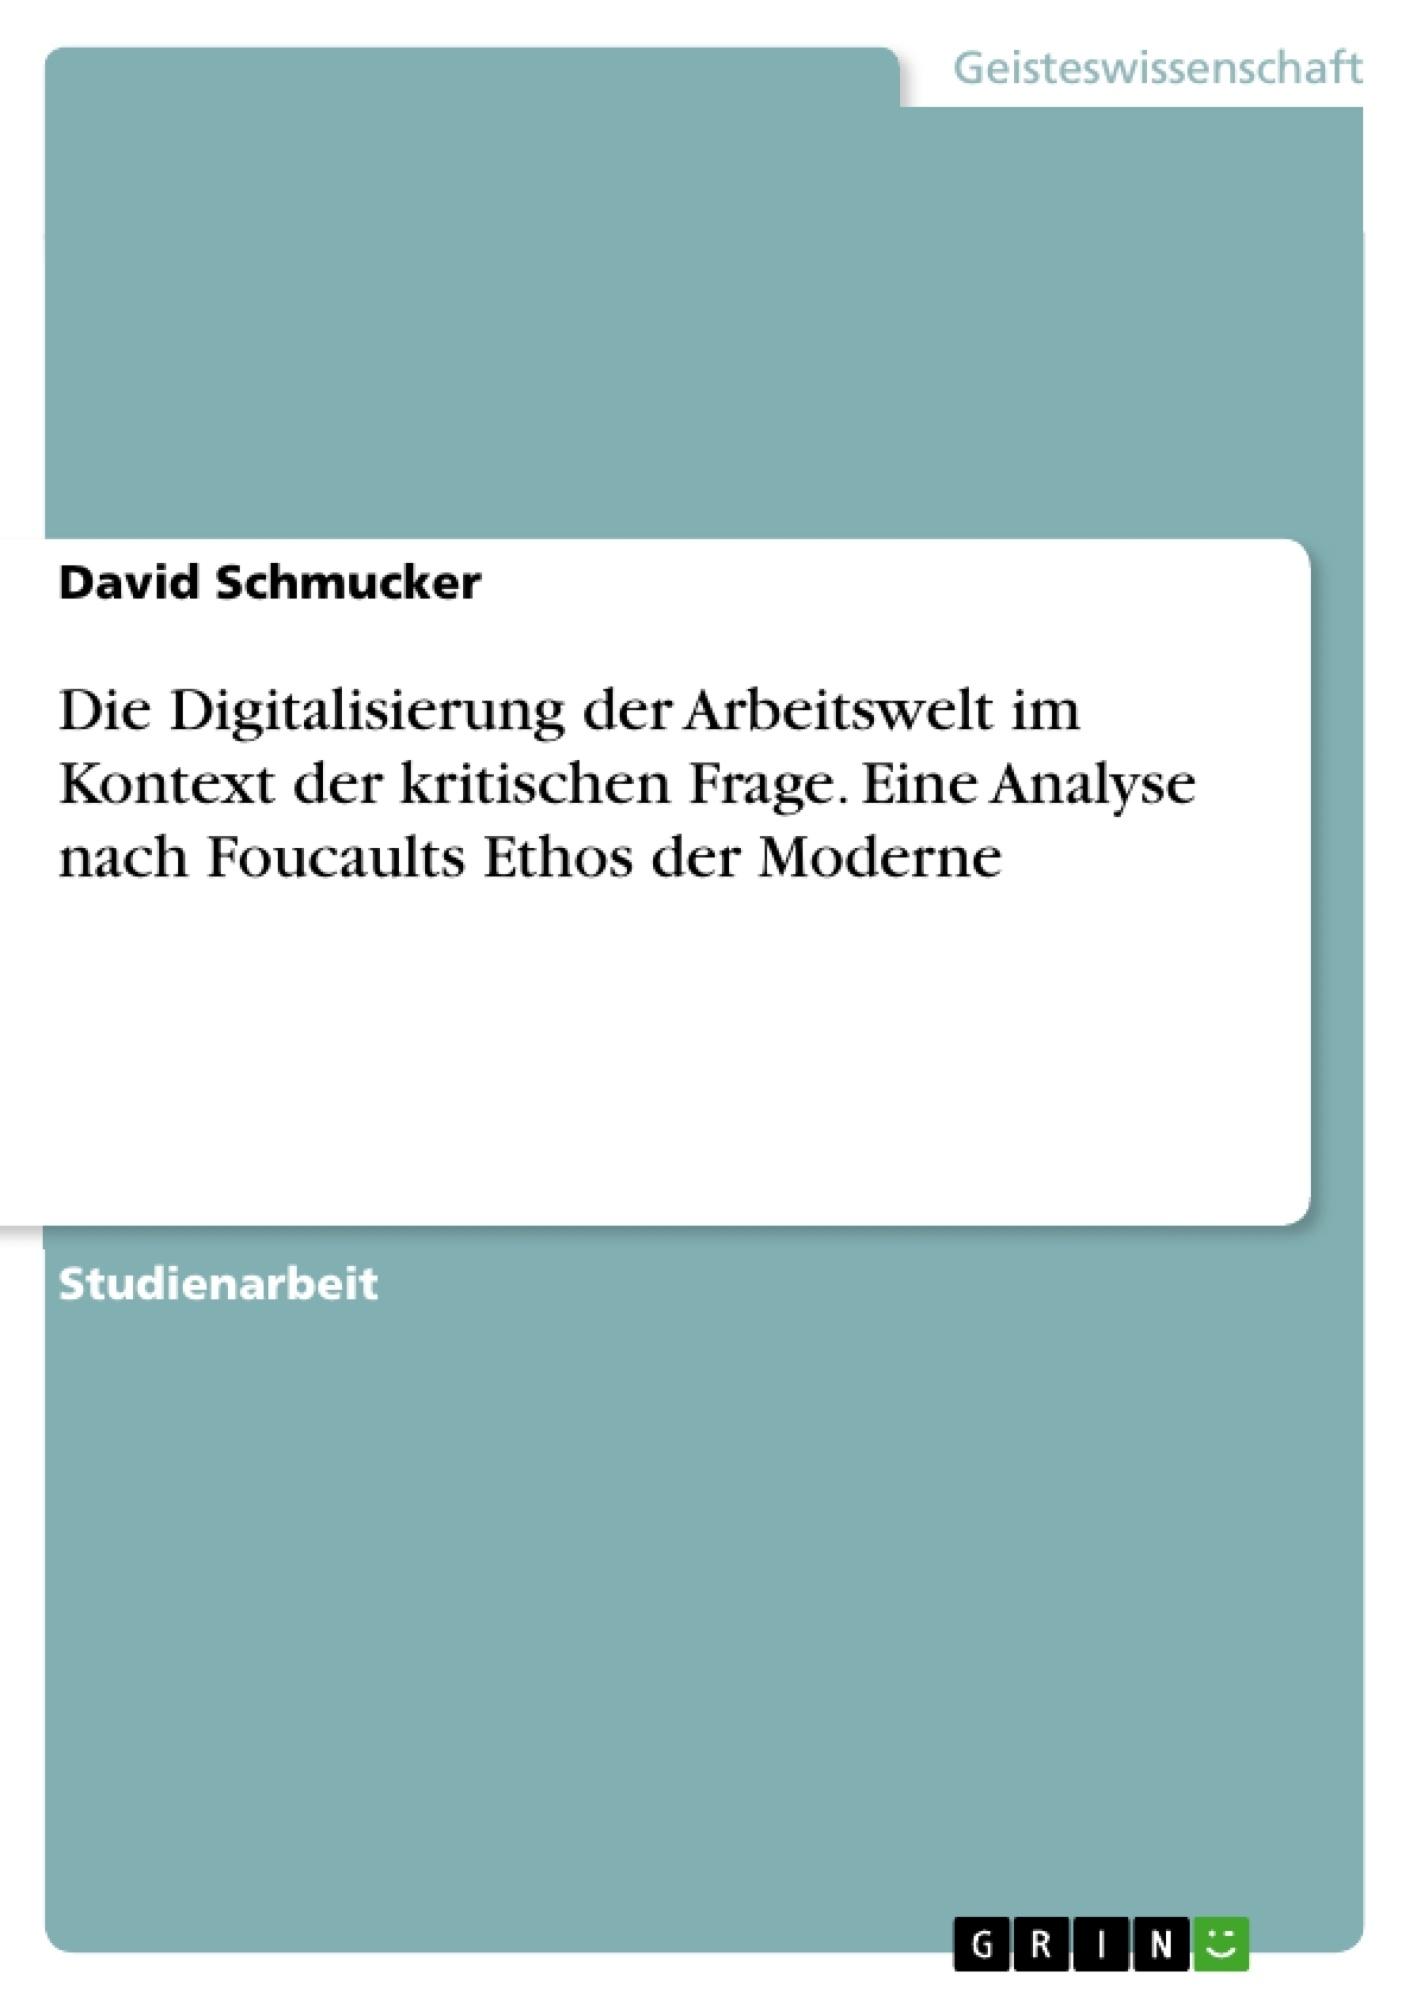 Titel: Die Digitalisierung der Arbeitswelt im Kontext der kritischen Frage. Eine Analyse nach Foucaults Ethos der Moderne